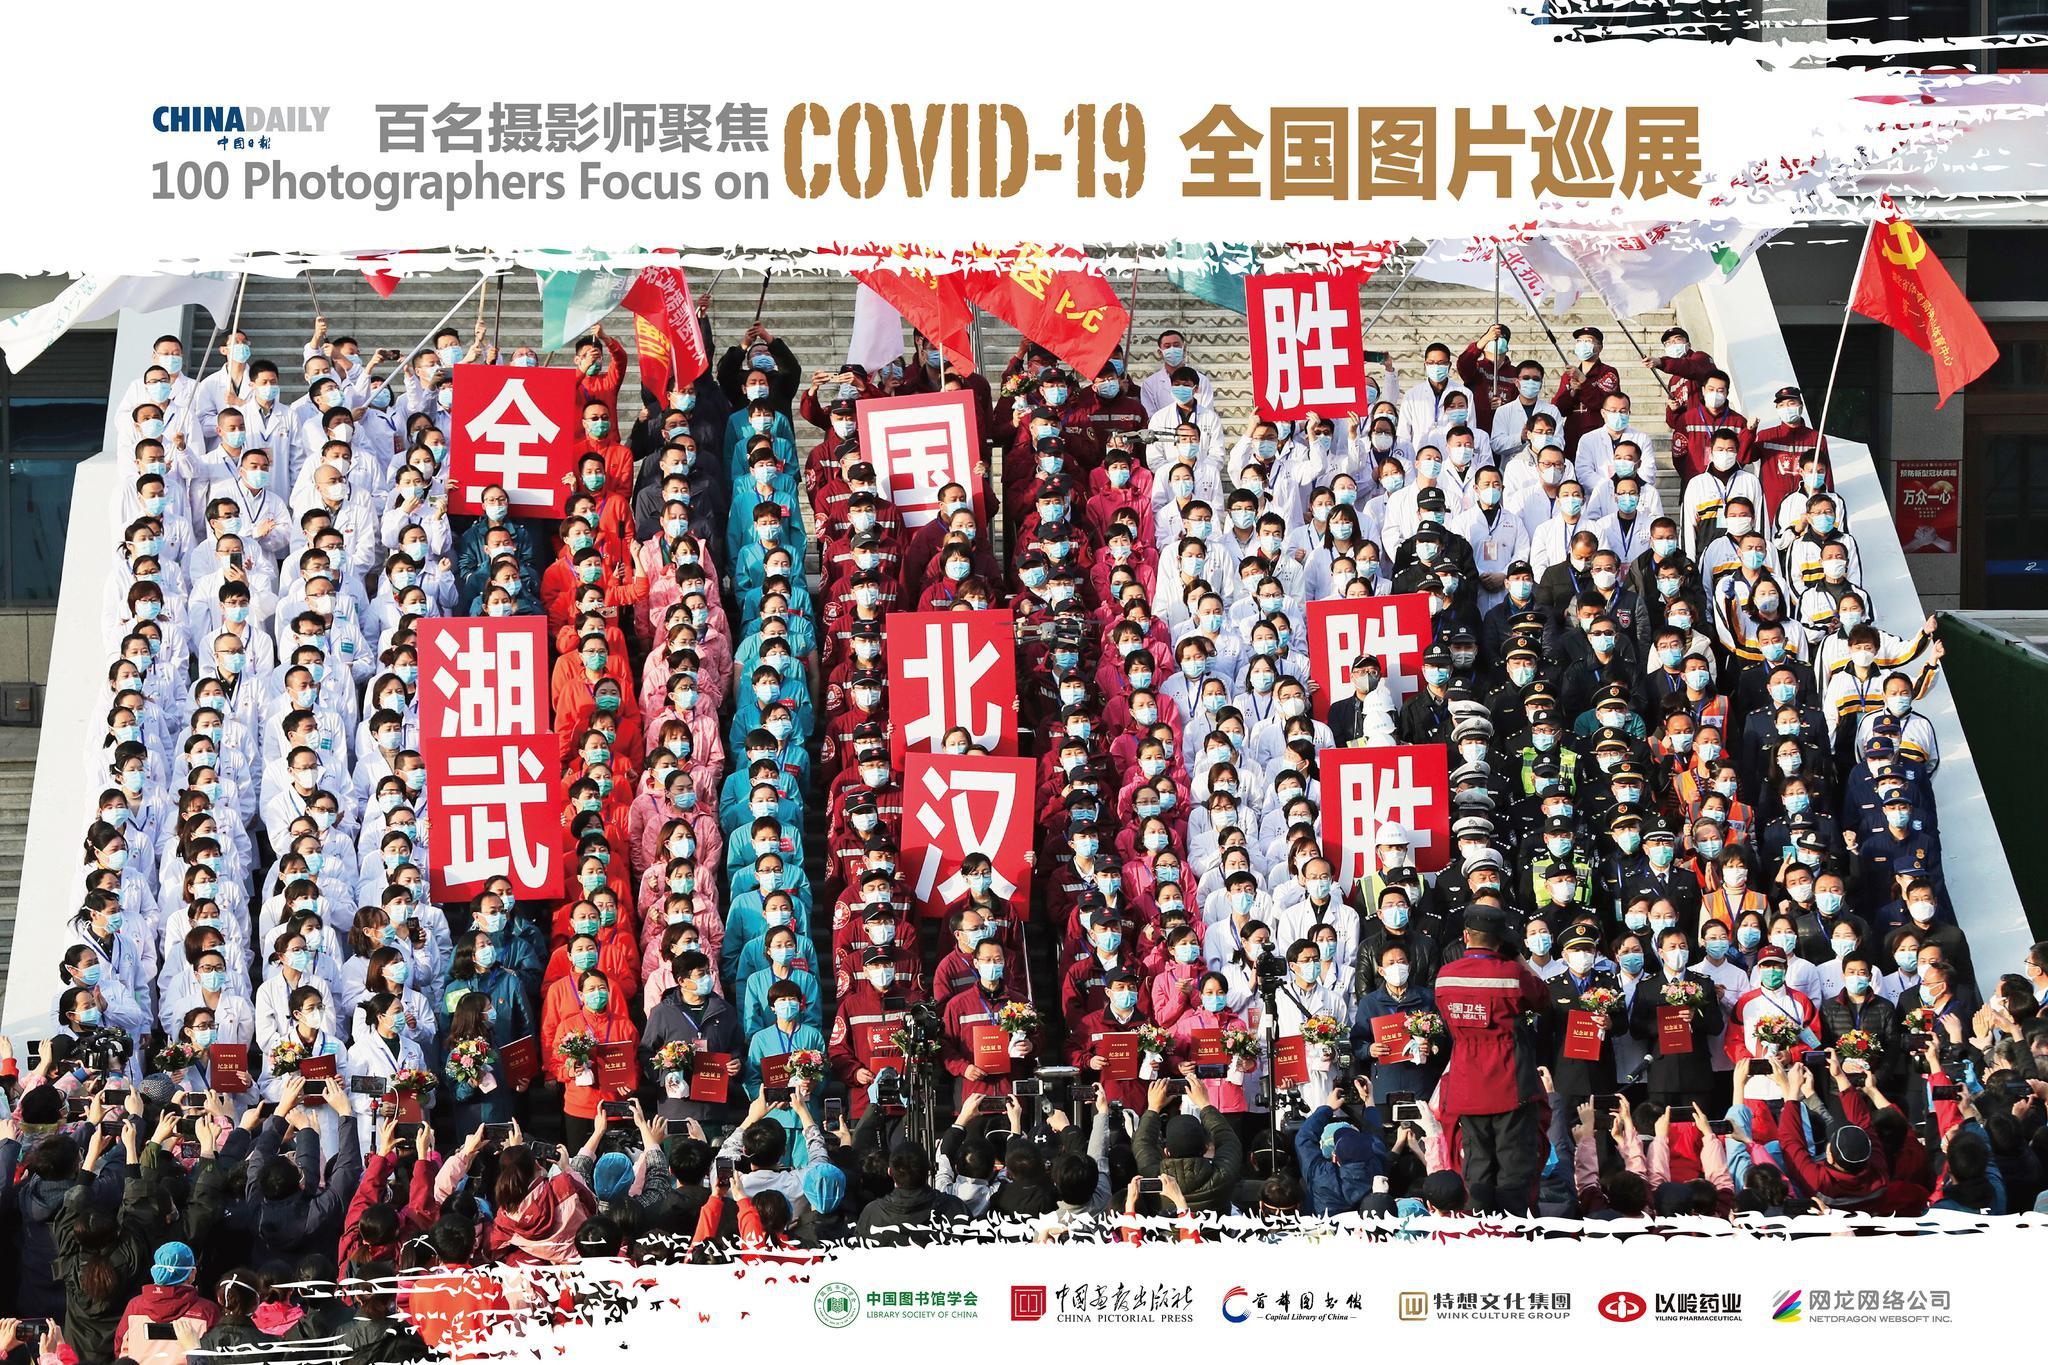 《百名摄影师聚焦COVID-19》图片展在北京市房山区燕山图书馆举行